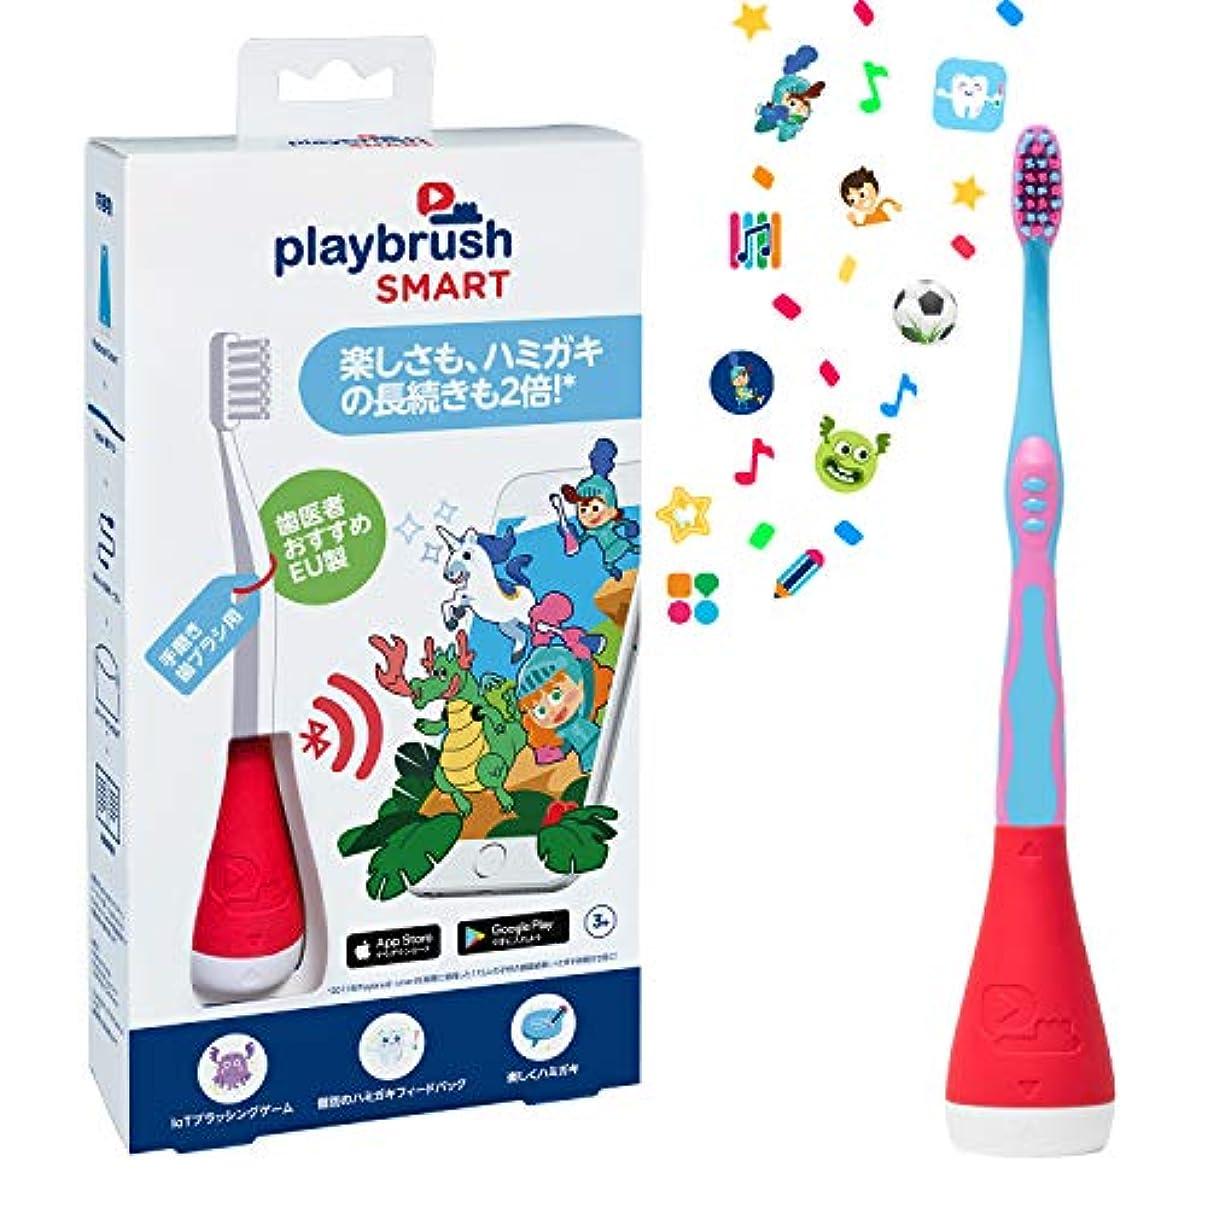 化学薬品排泄物会う【ヨーロッパで開発されたゲームができる子供用歯ブラシ】プレイブラッシュ スマート レッド◇ 普段の歯ブラシに取り付けるだけ◇ Playbrush Smart Red